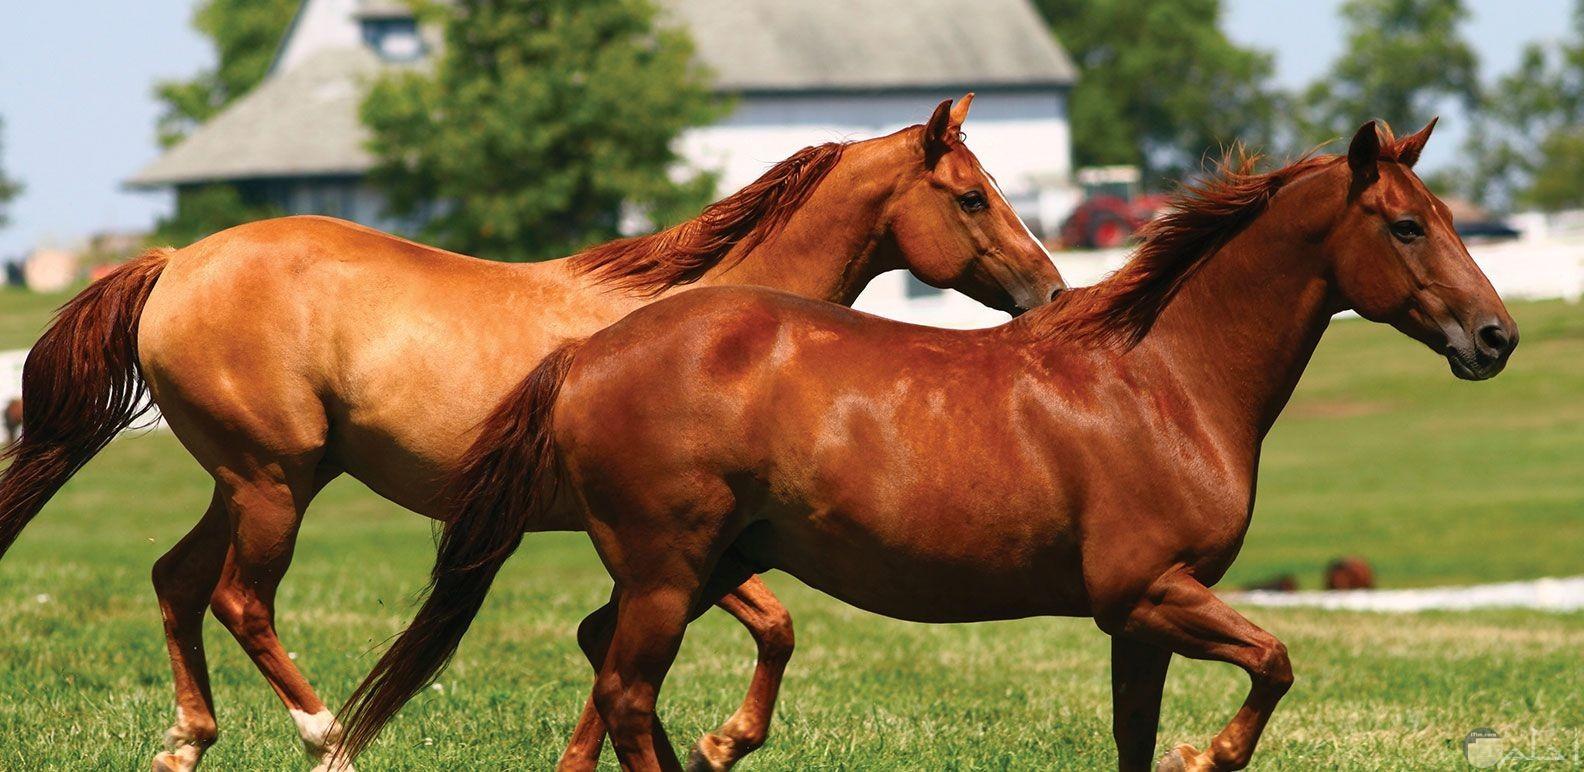 مجموعة من الخيول العربية.